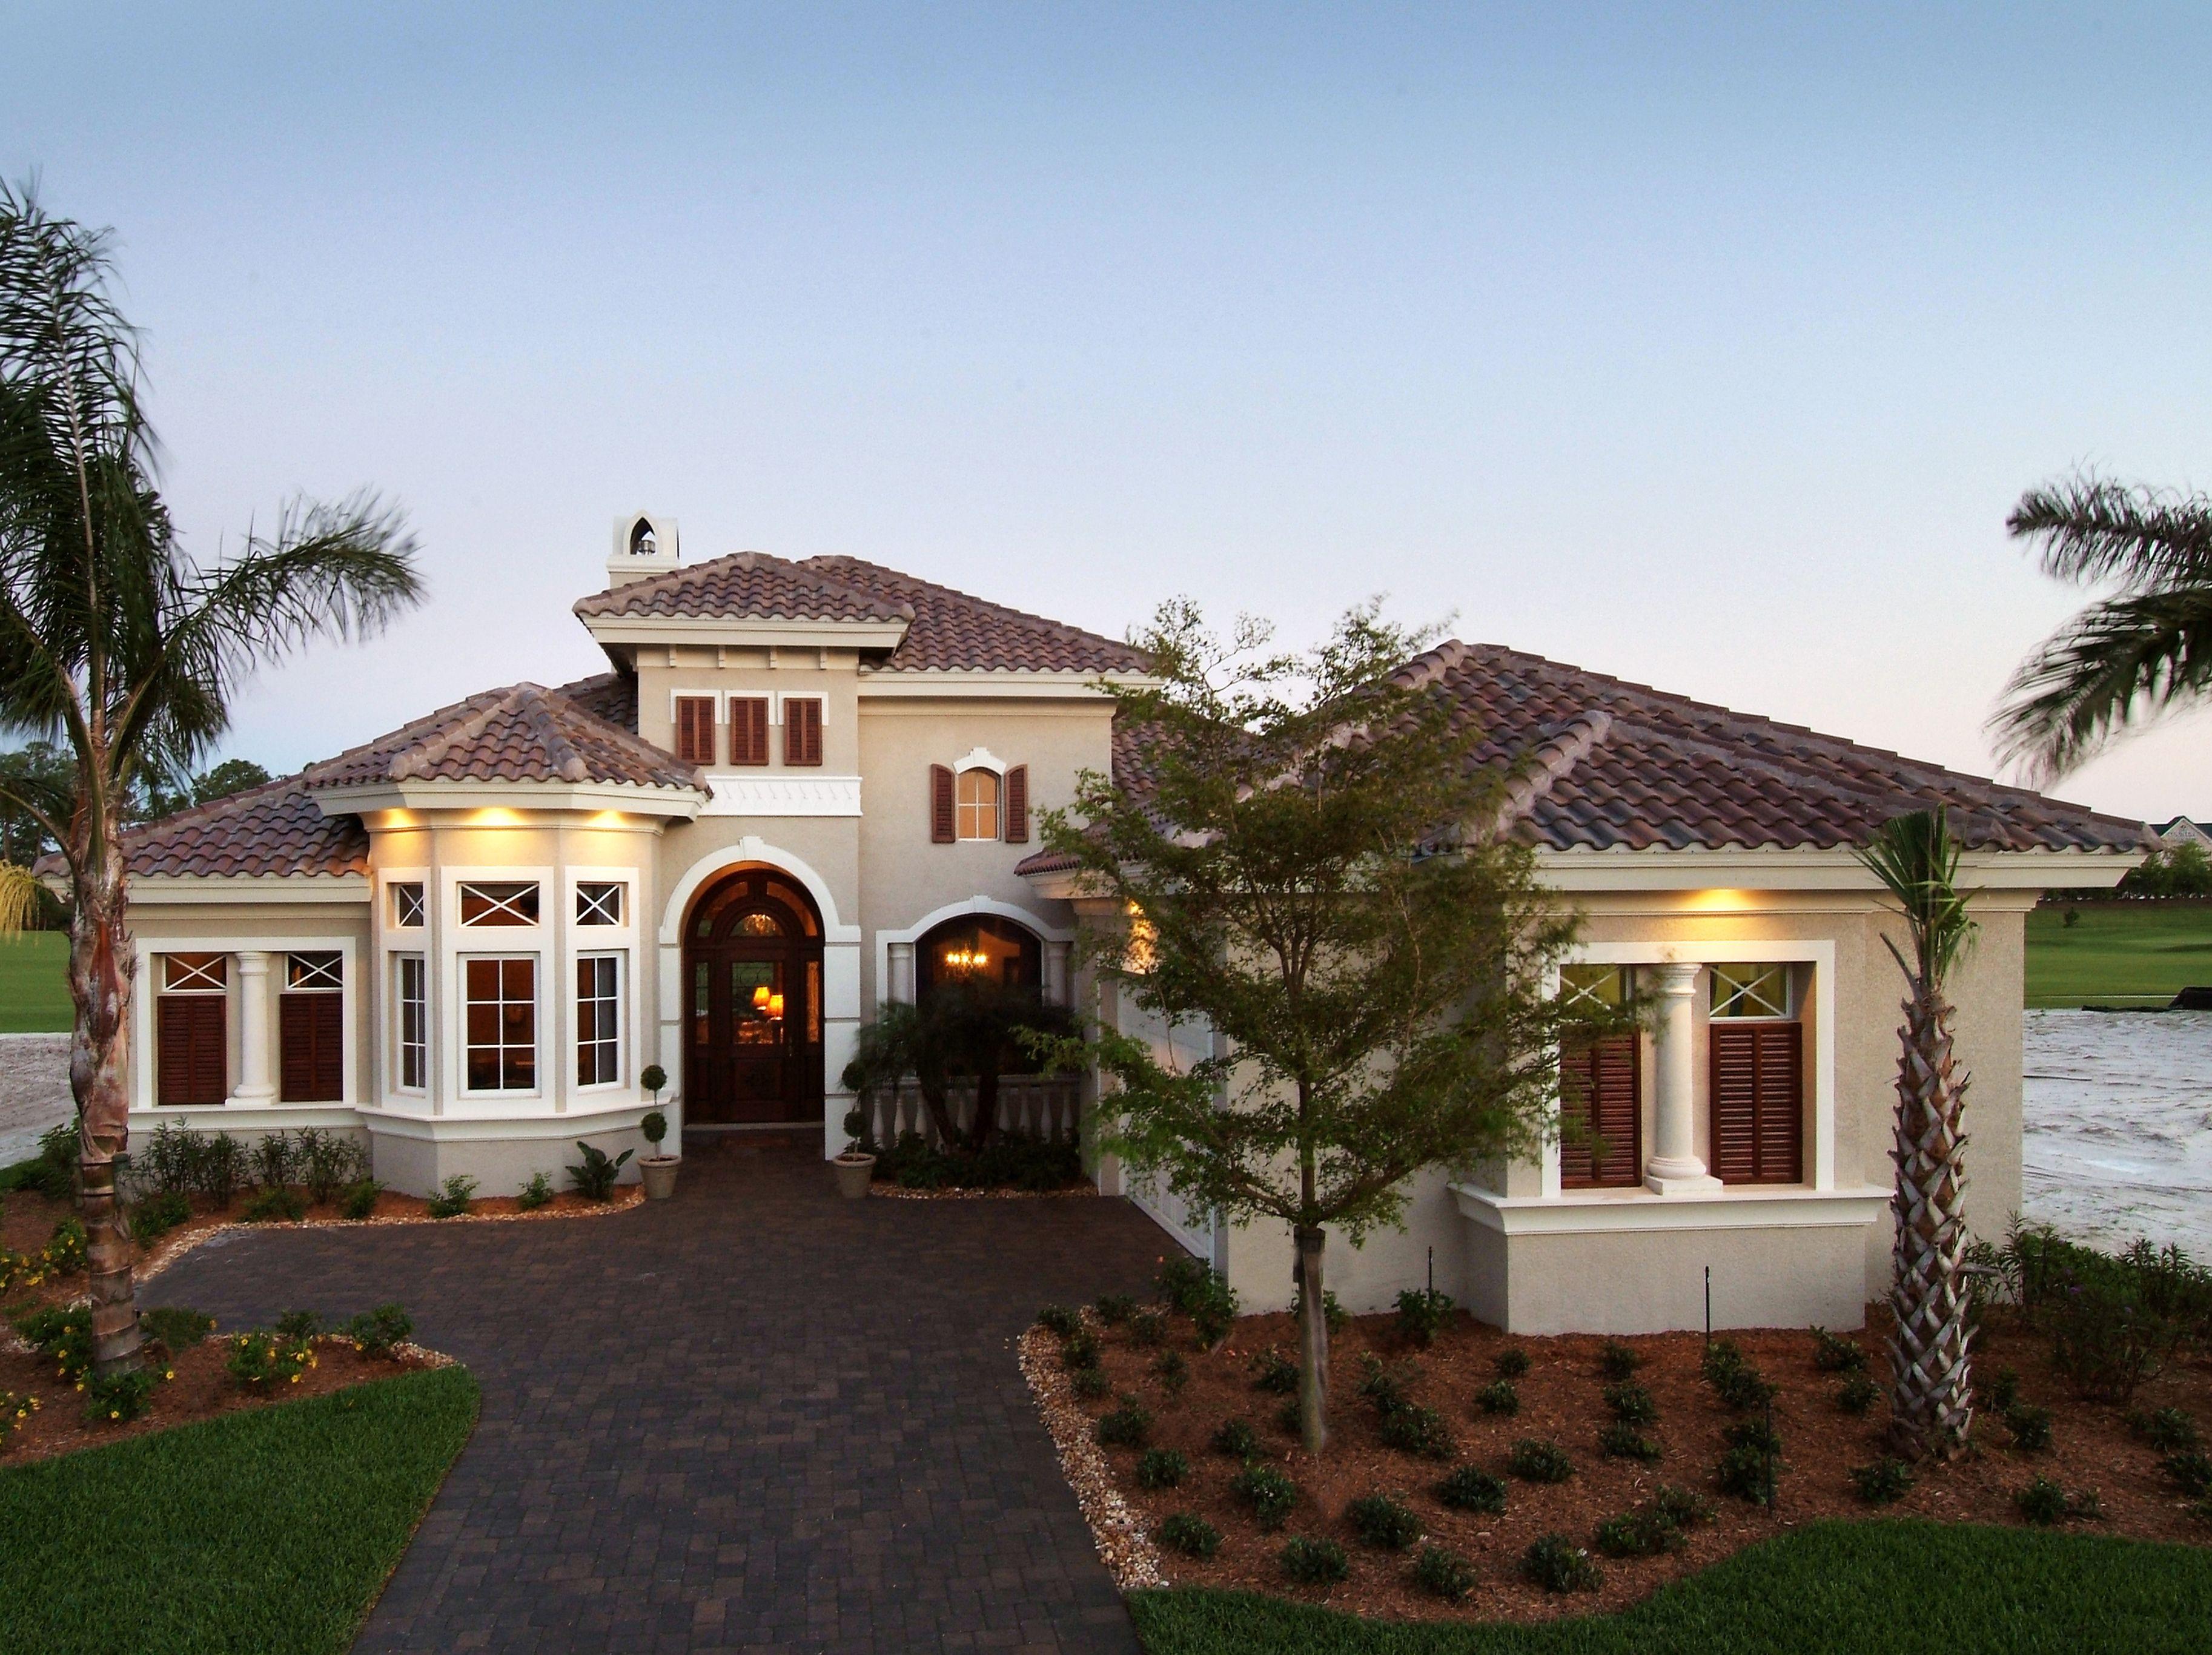 Exciting Mediterranean Design 33562EB Florida